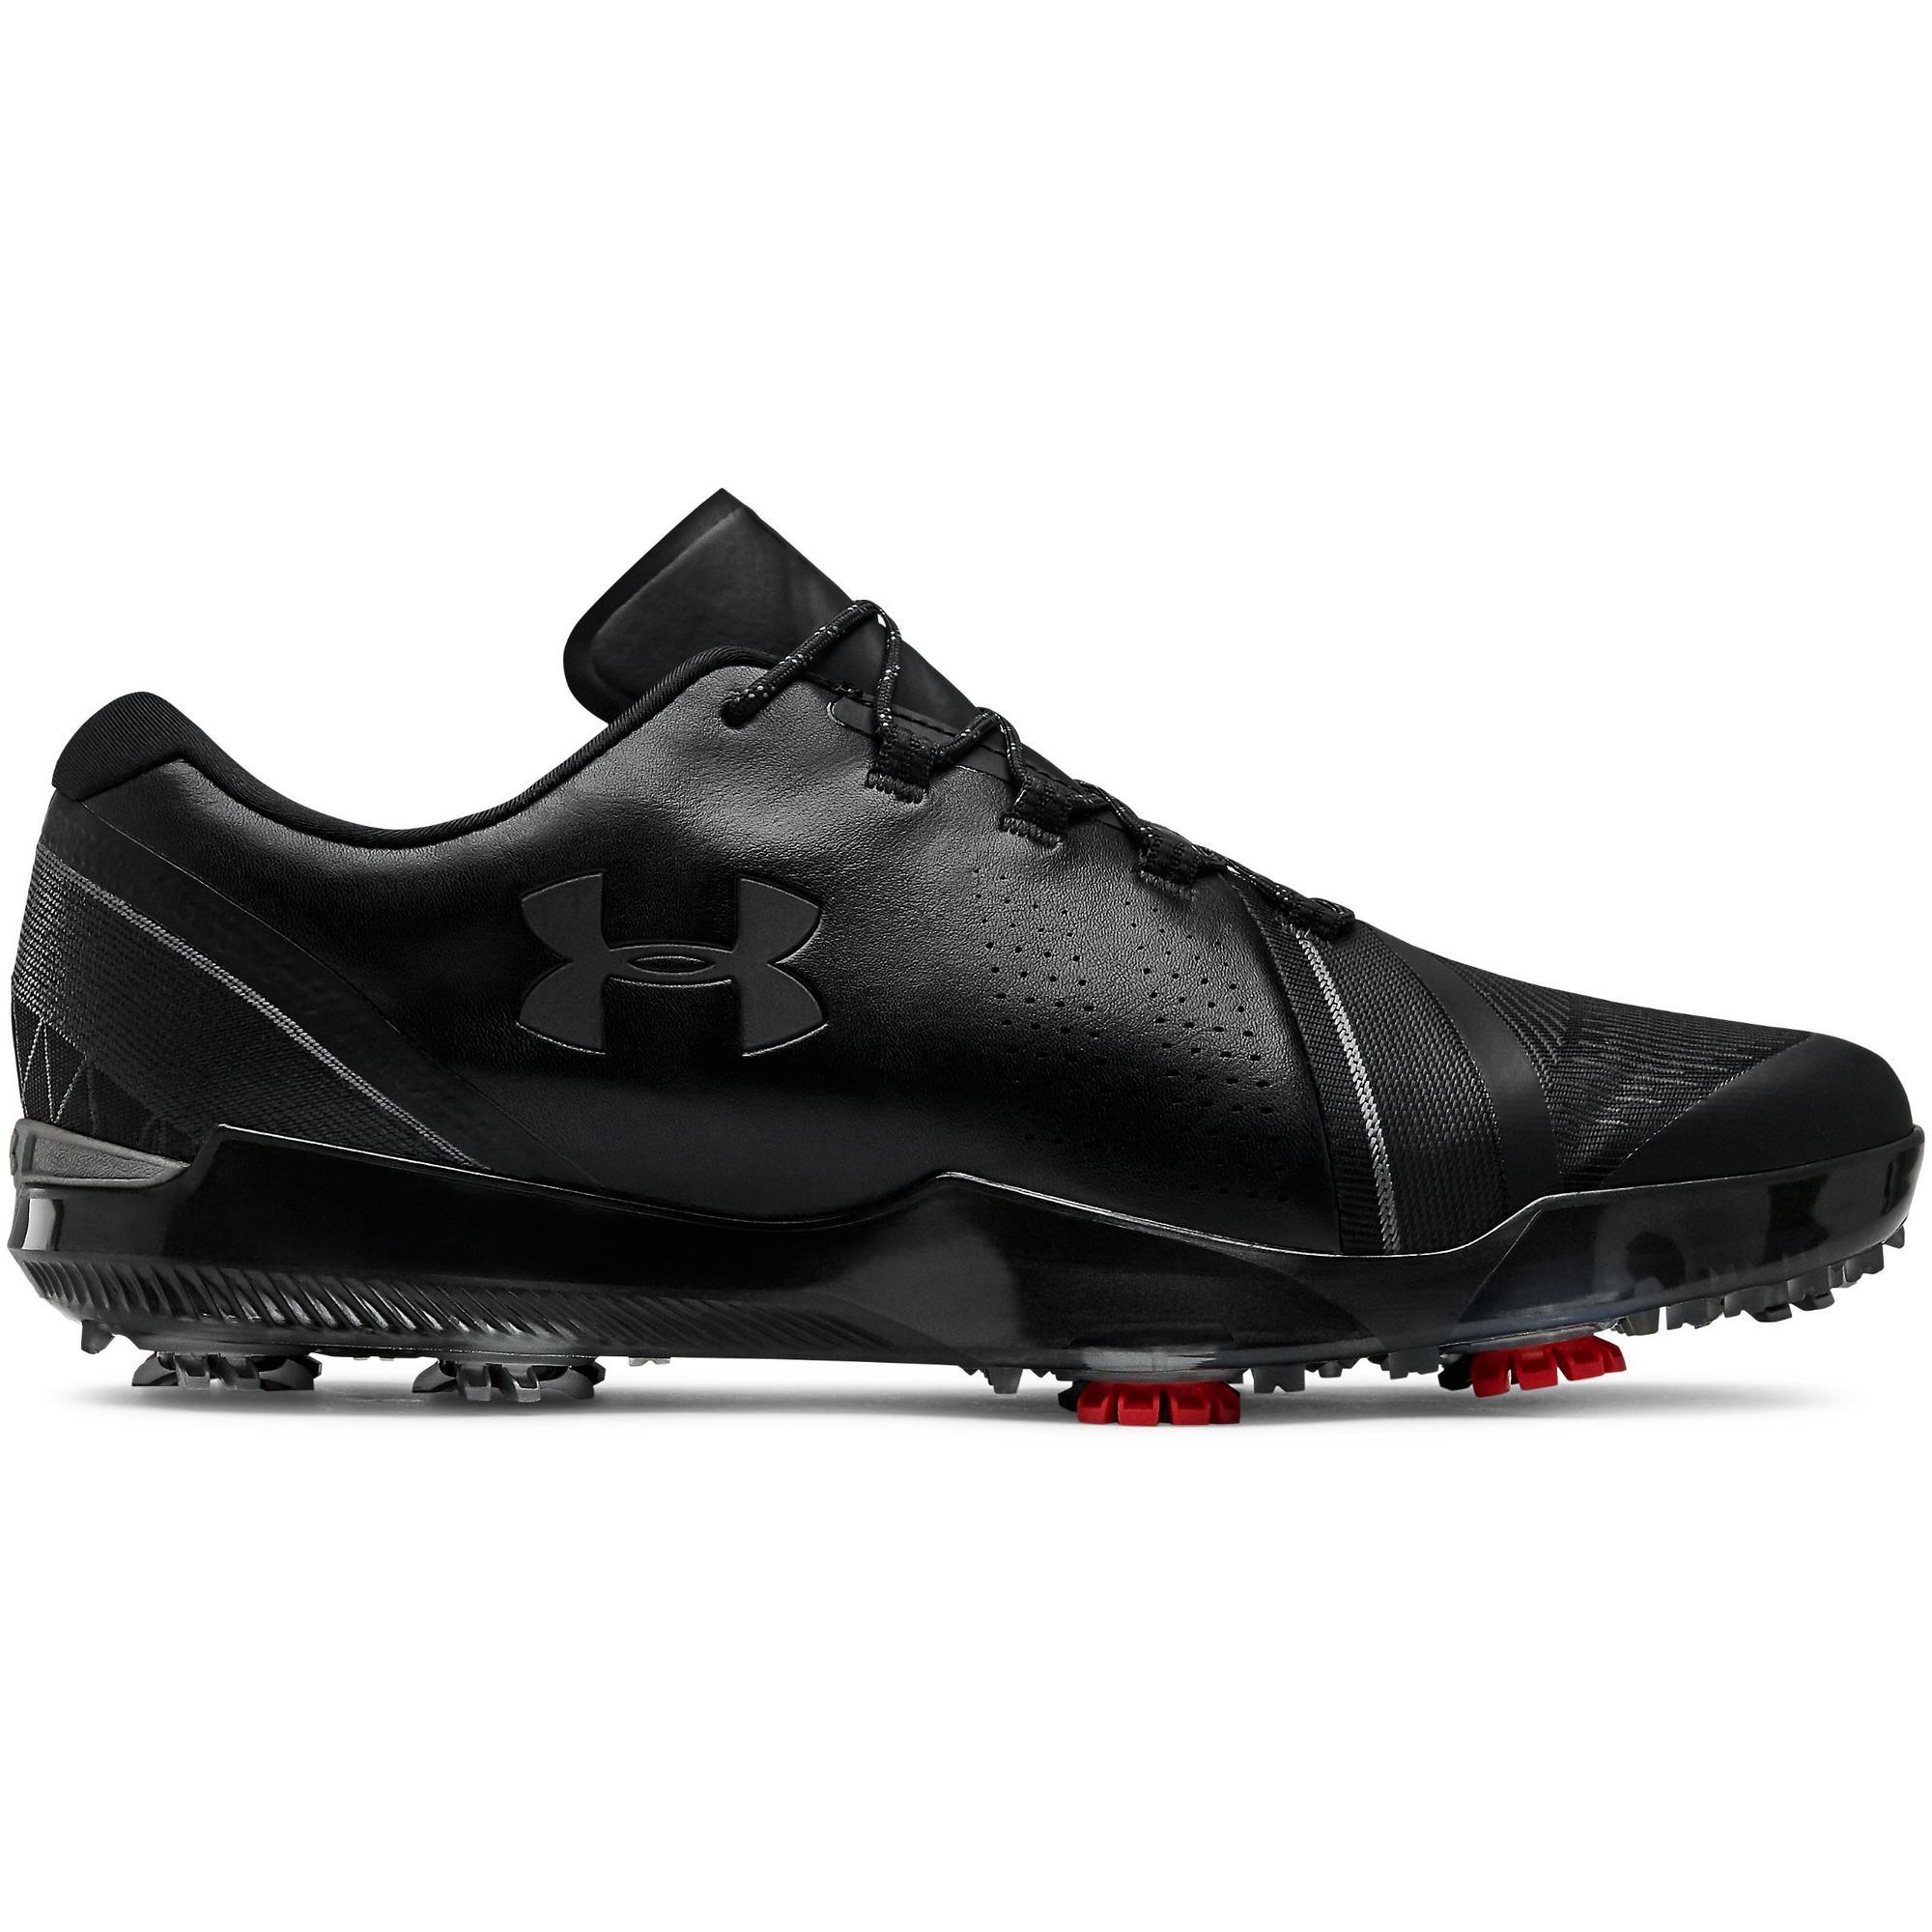 Men's Spieth 3 Spiked Golf Shoe - BLACK